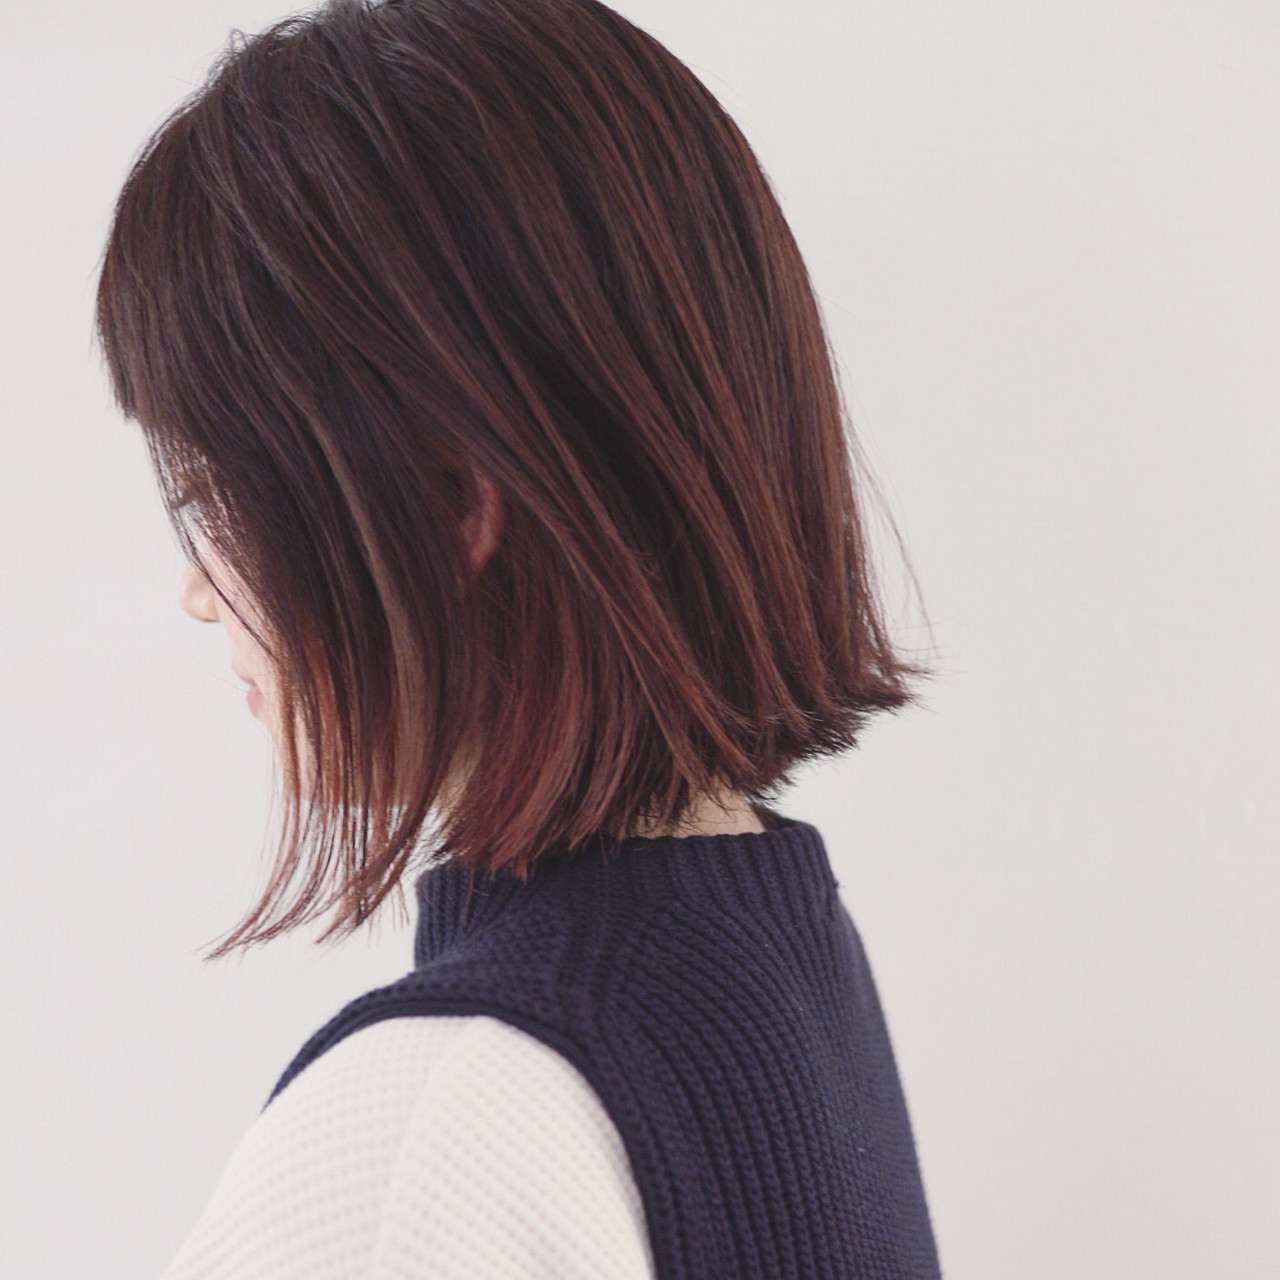 グラデーションカラー ボブ 抜け感 外国人風カラー ヘアスタイルや髪型の写真・画像